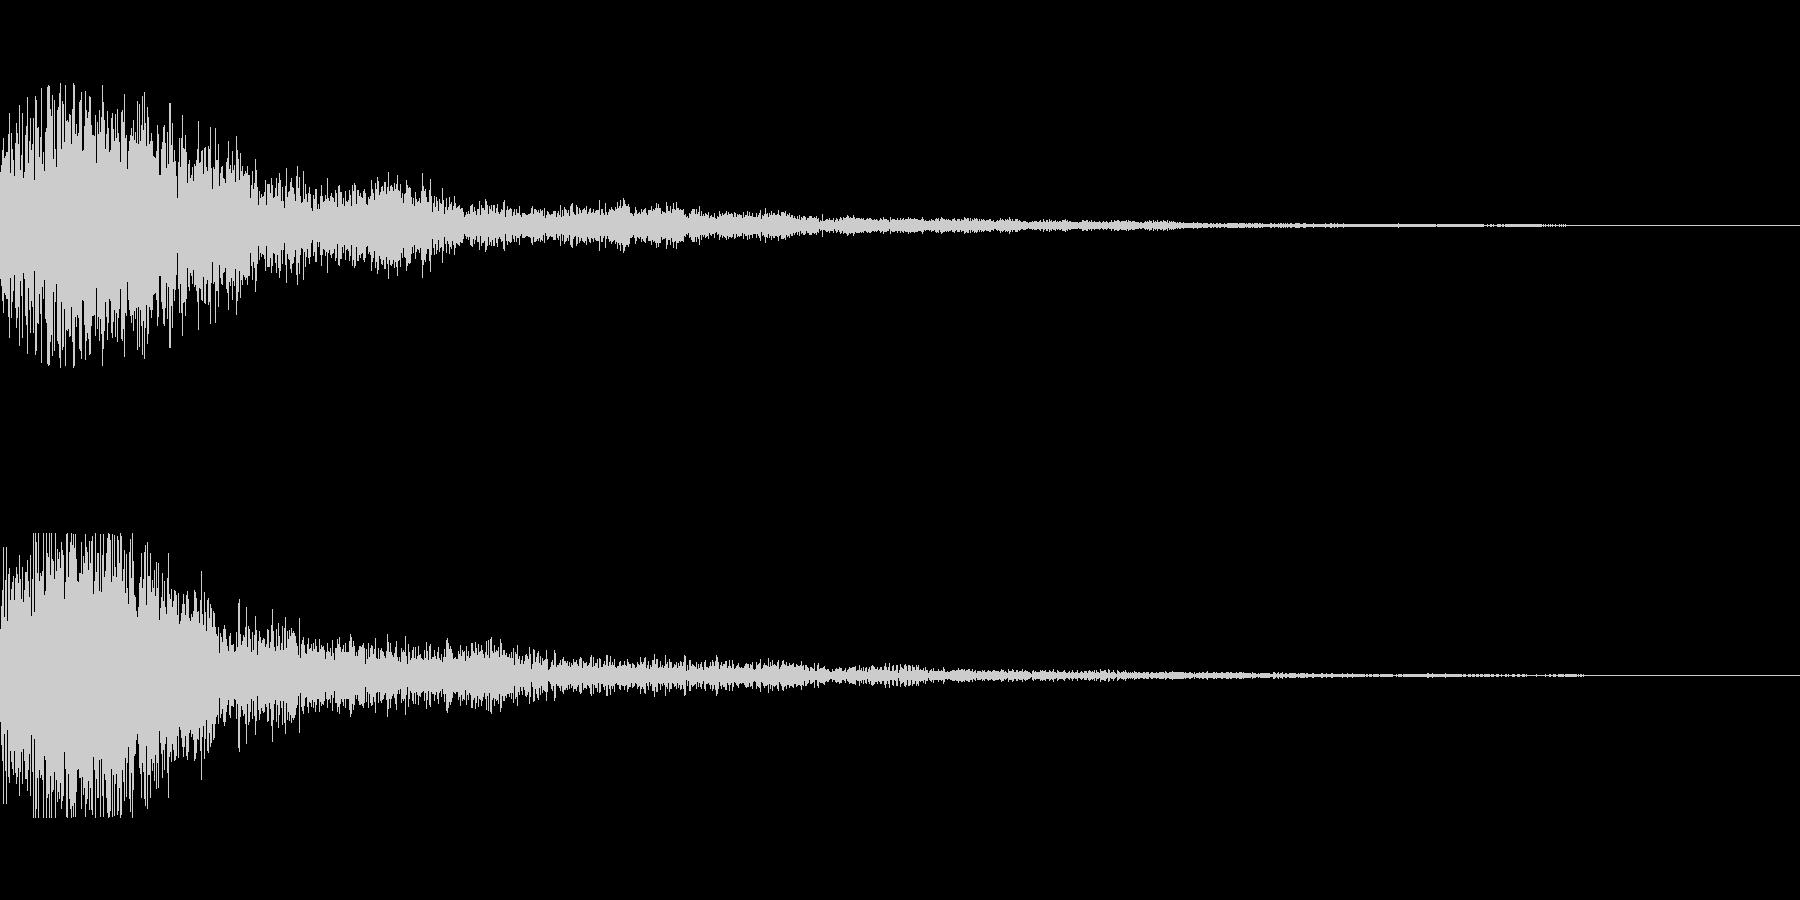 [ピュオン]決定音(可愛く柔かい)の未再生の波形